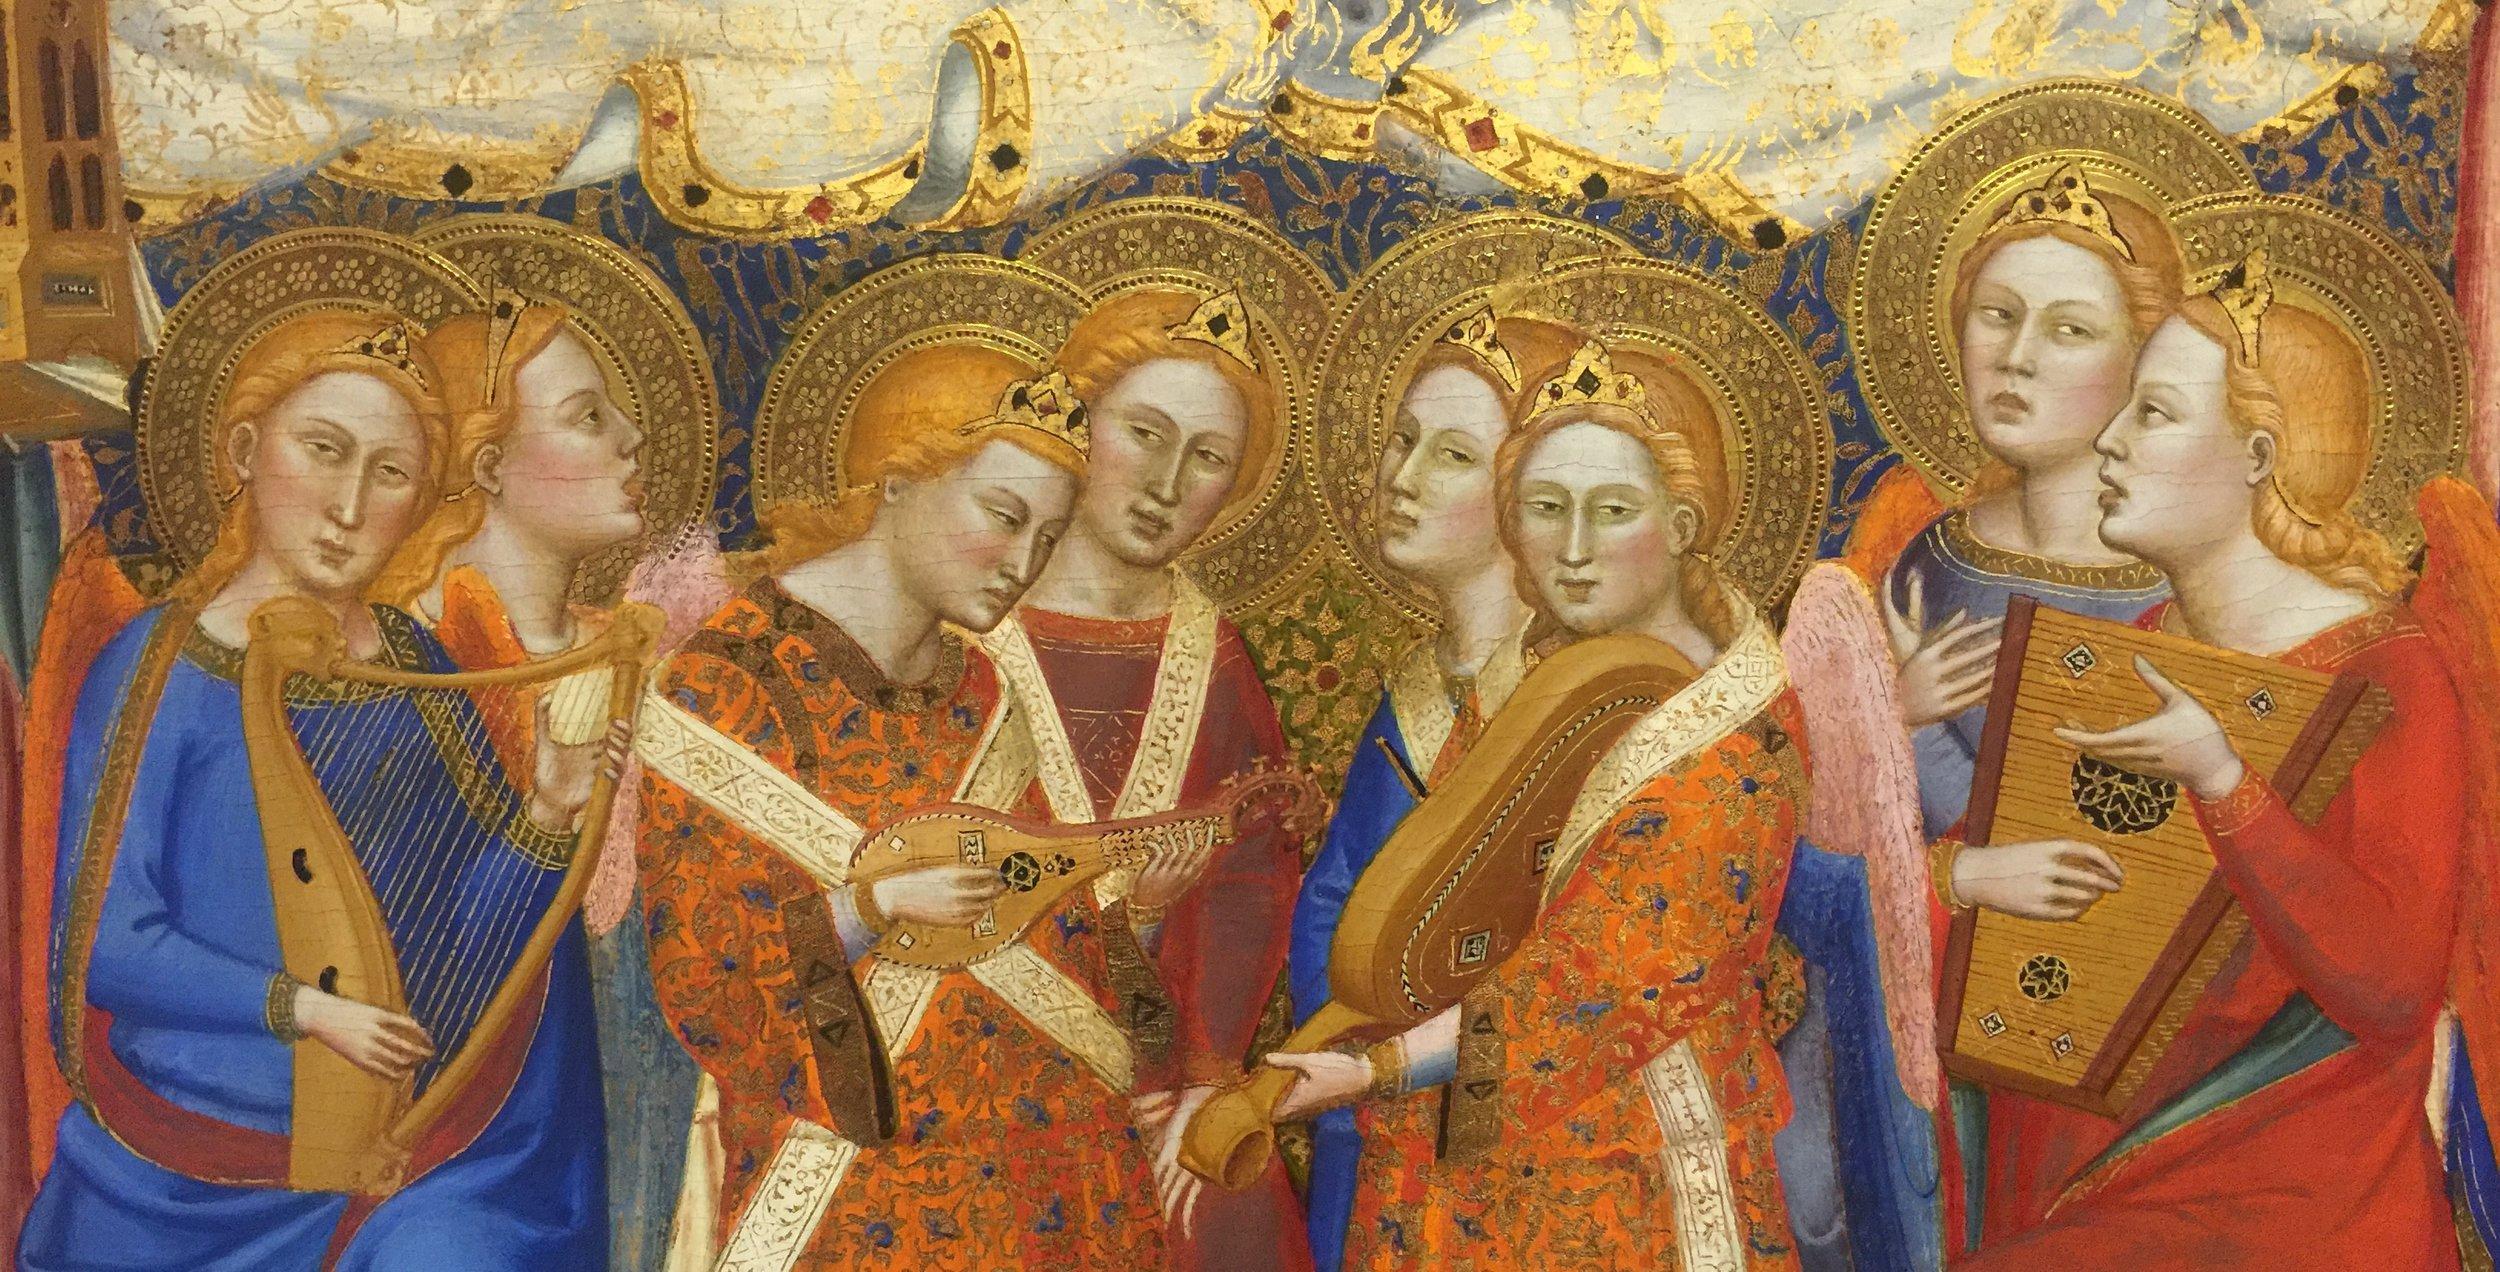 golden ladies in heaven natnl gallery.jpg